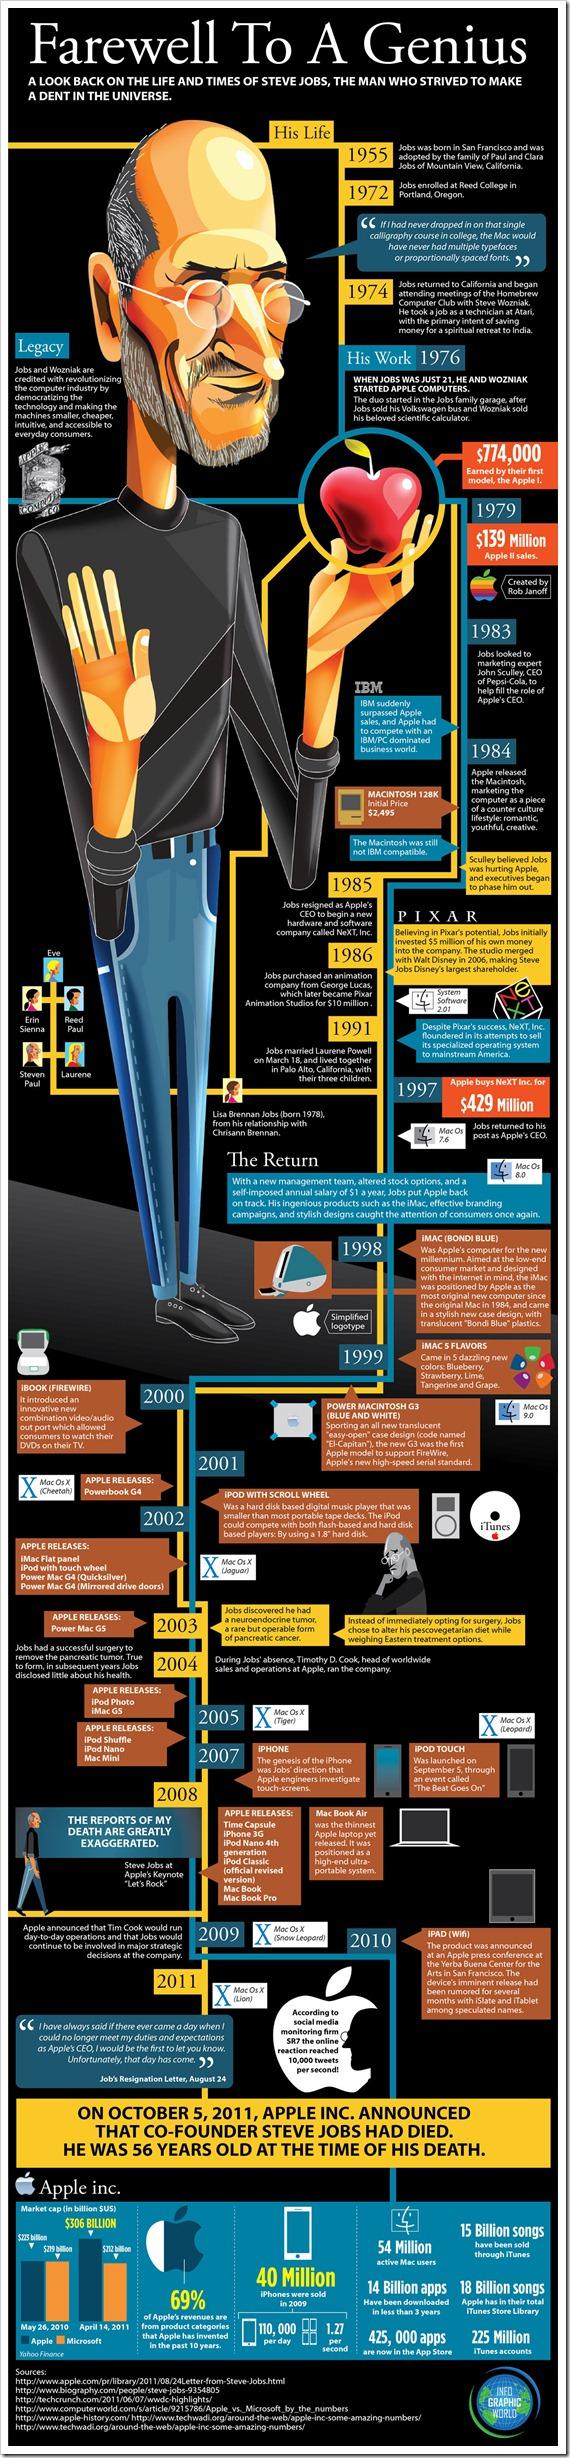 Infographic on Steve Jobs